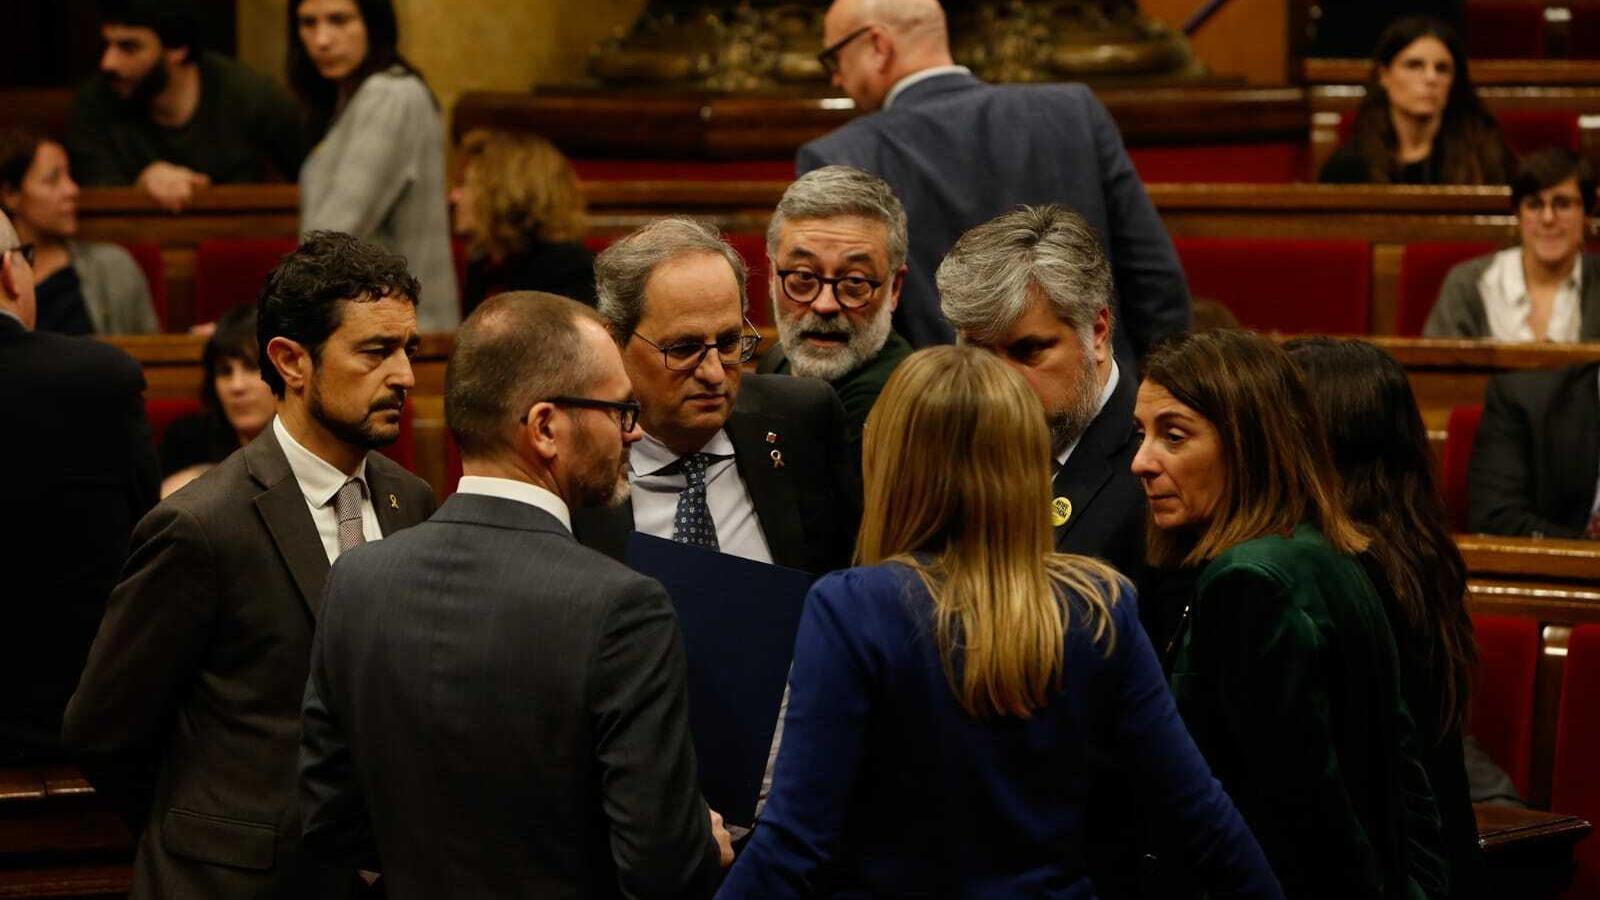 Torra conversa amb alguns diputats de JxCat en un dels recessos del ple d'aquest dilluns. Just darrere de Torra, hi ha el diputat de la CUP Carles Riera